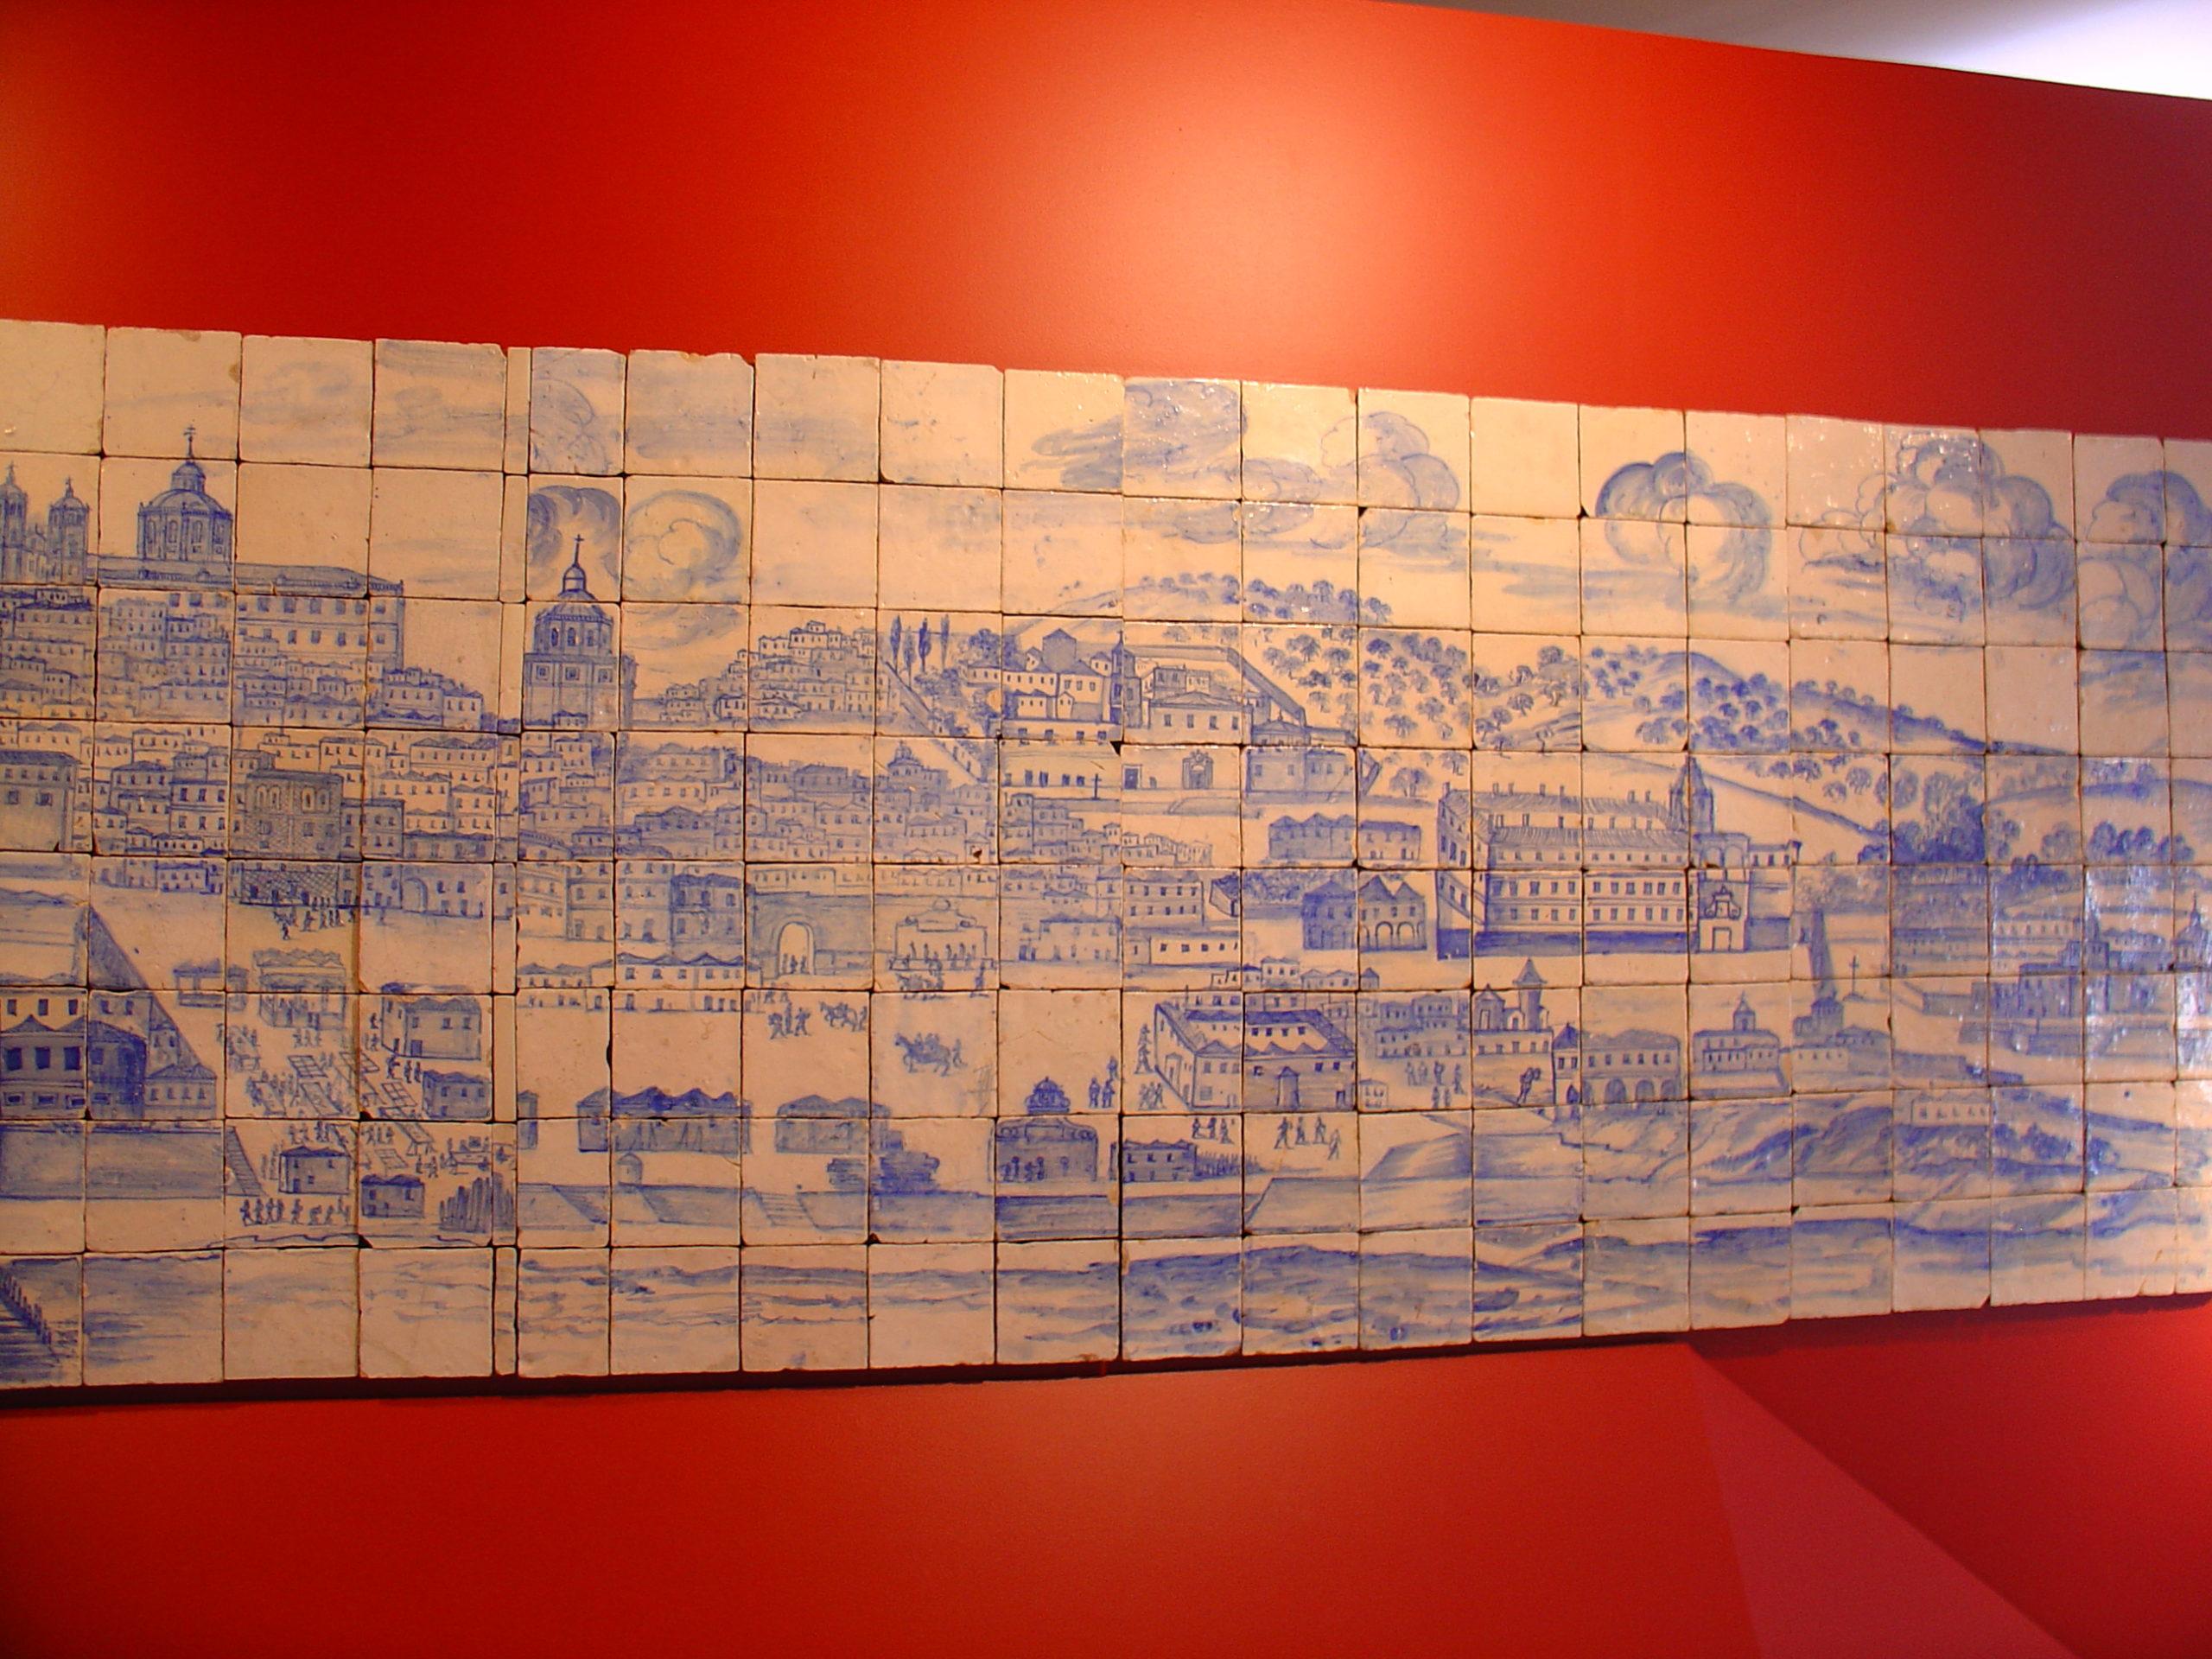 изображение лиссабона в азулежу